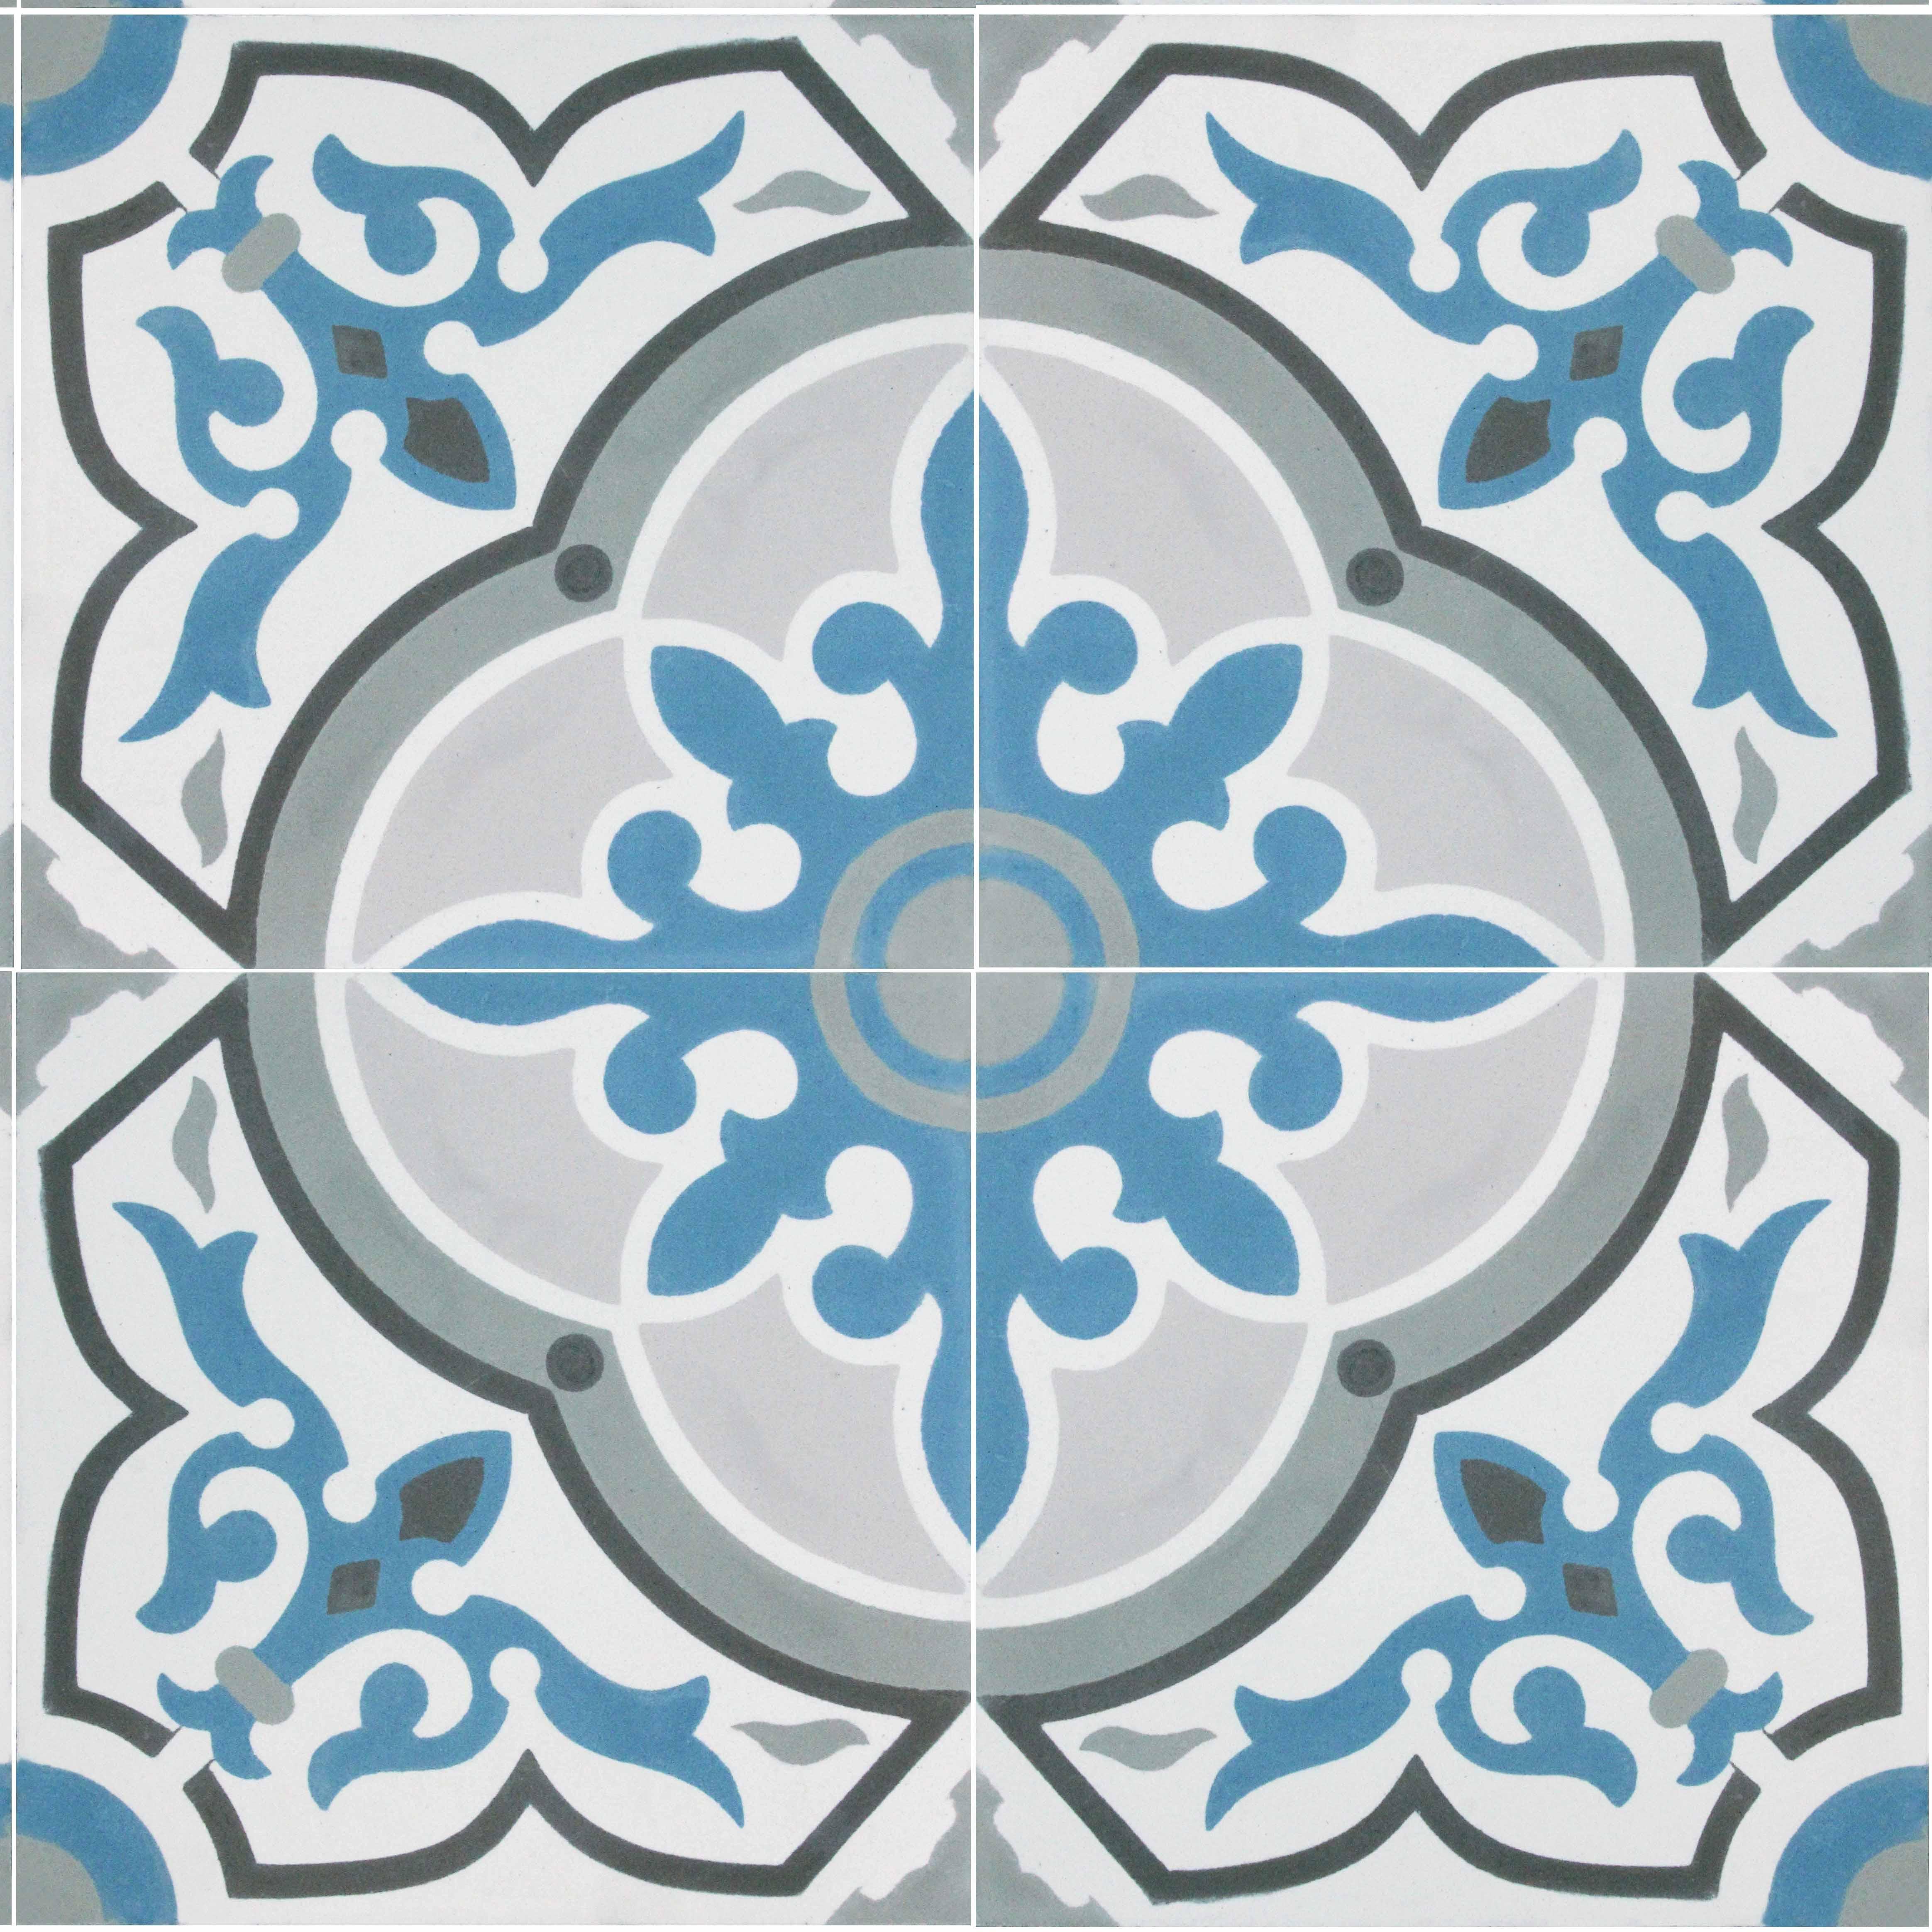 Cement Floor Tile Fina Von Replicata Multicoloured Decors Replikate